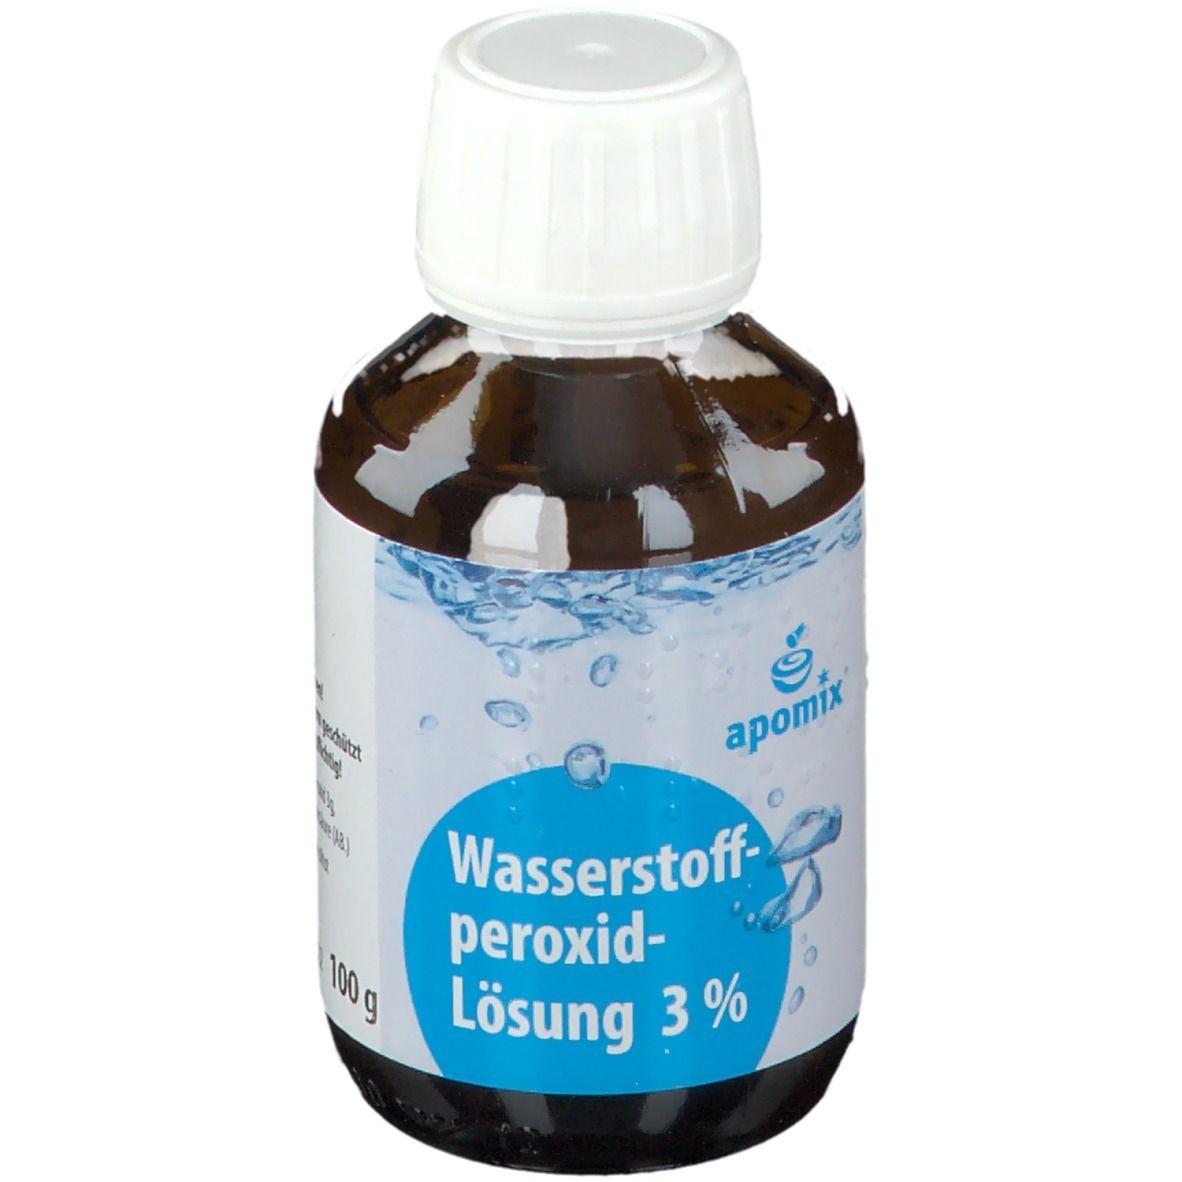 wasserstoffperoxid 3 halsschmerzen